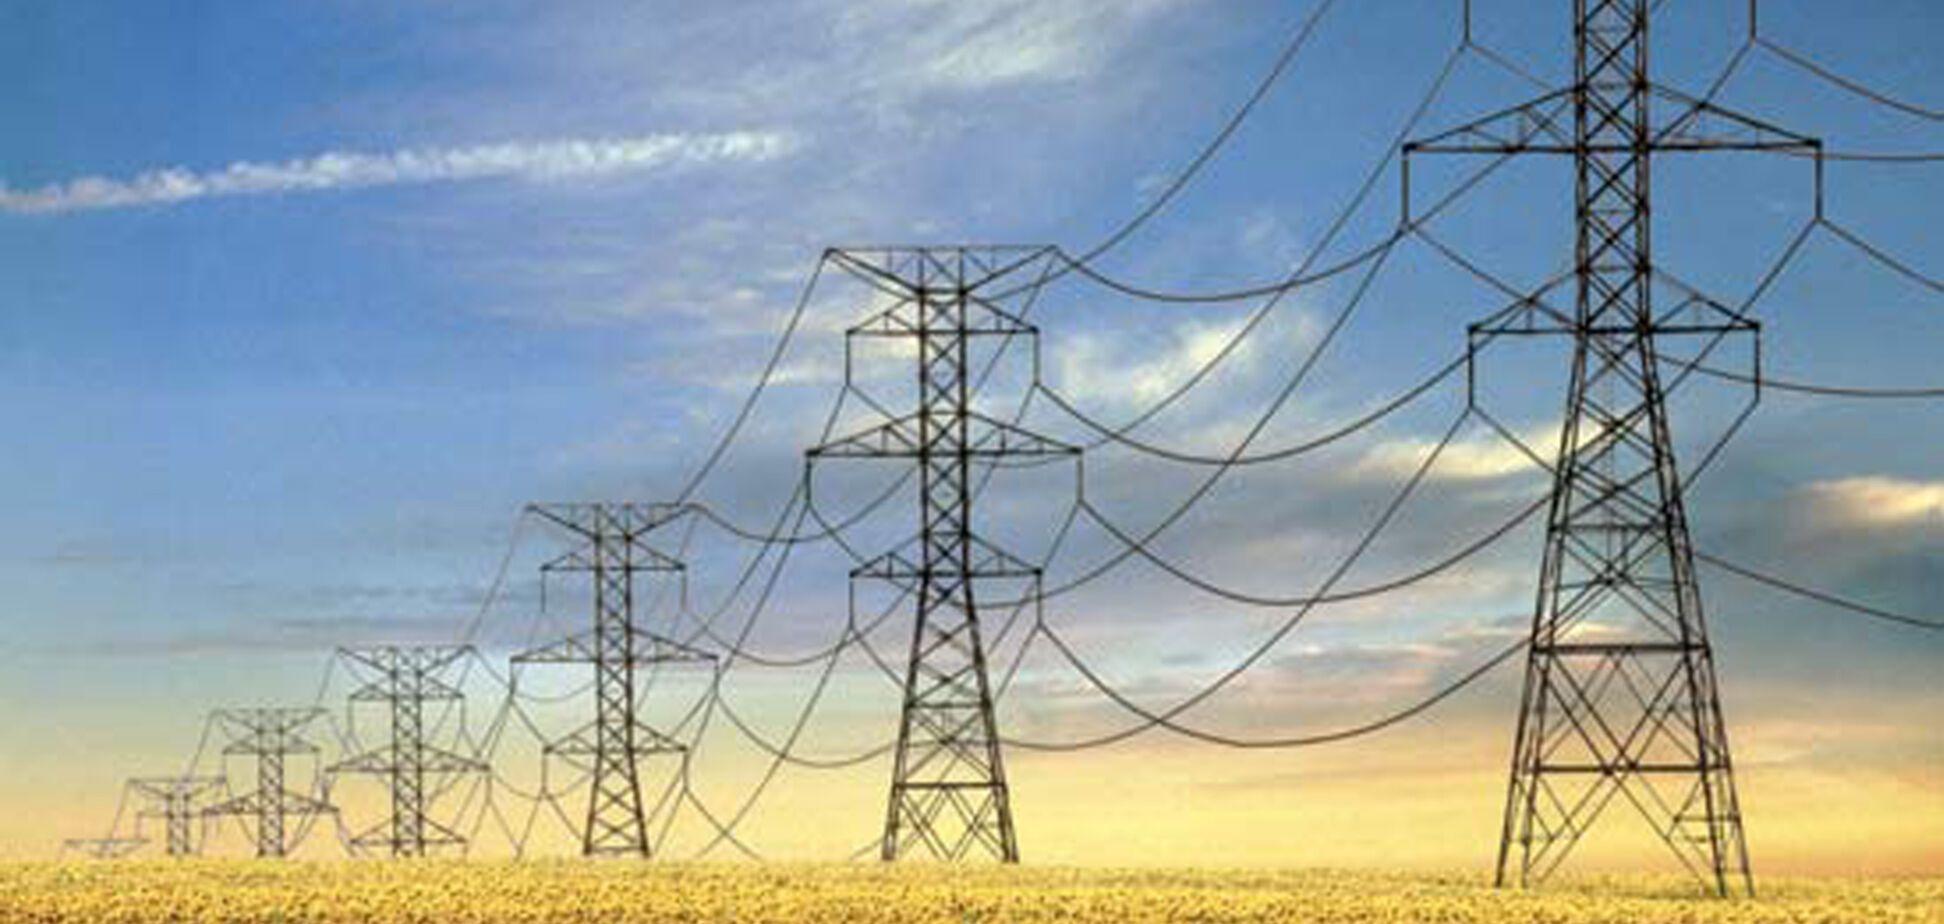 Повышение тарифа на передачу электроэнергии не изменит рынок, – эксперт